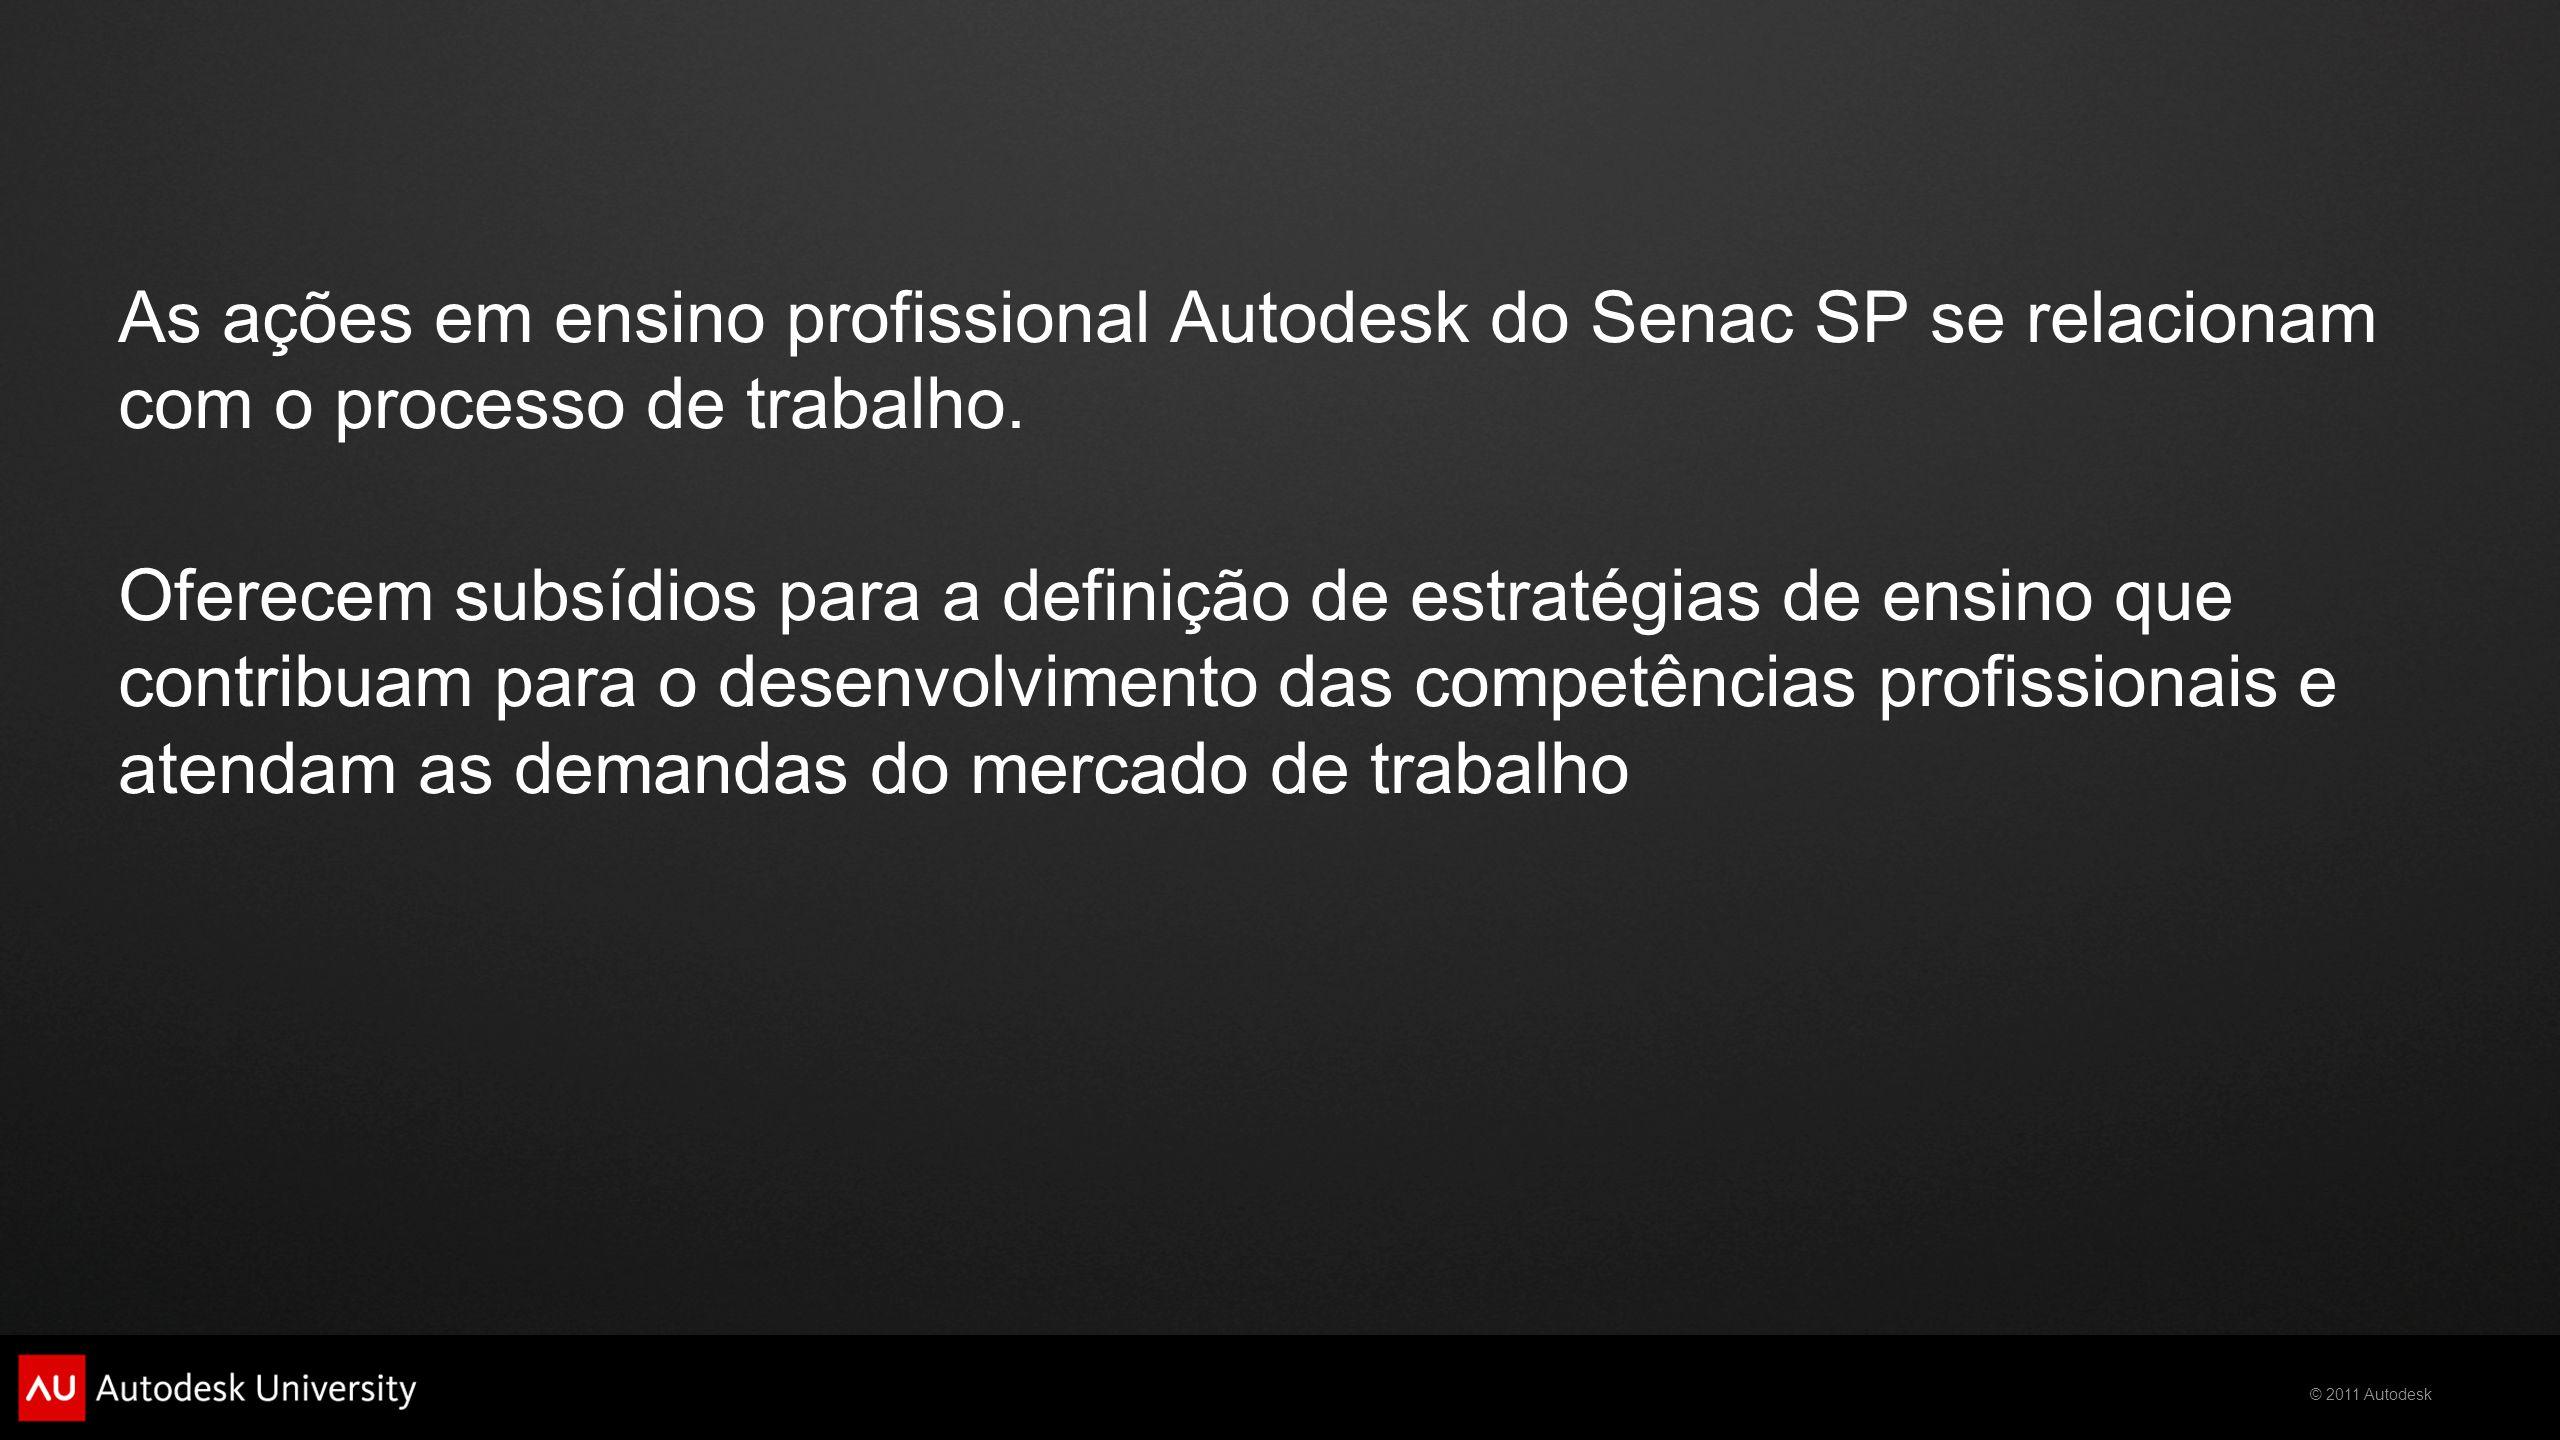 © 2011 Autodesk As ações em ensino profissional Autodesk do Senac SP se relacionam com o processo de trabalho. Oferecem subsídios para a definição de